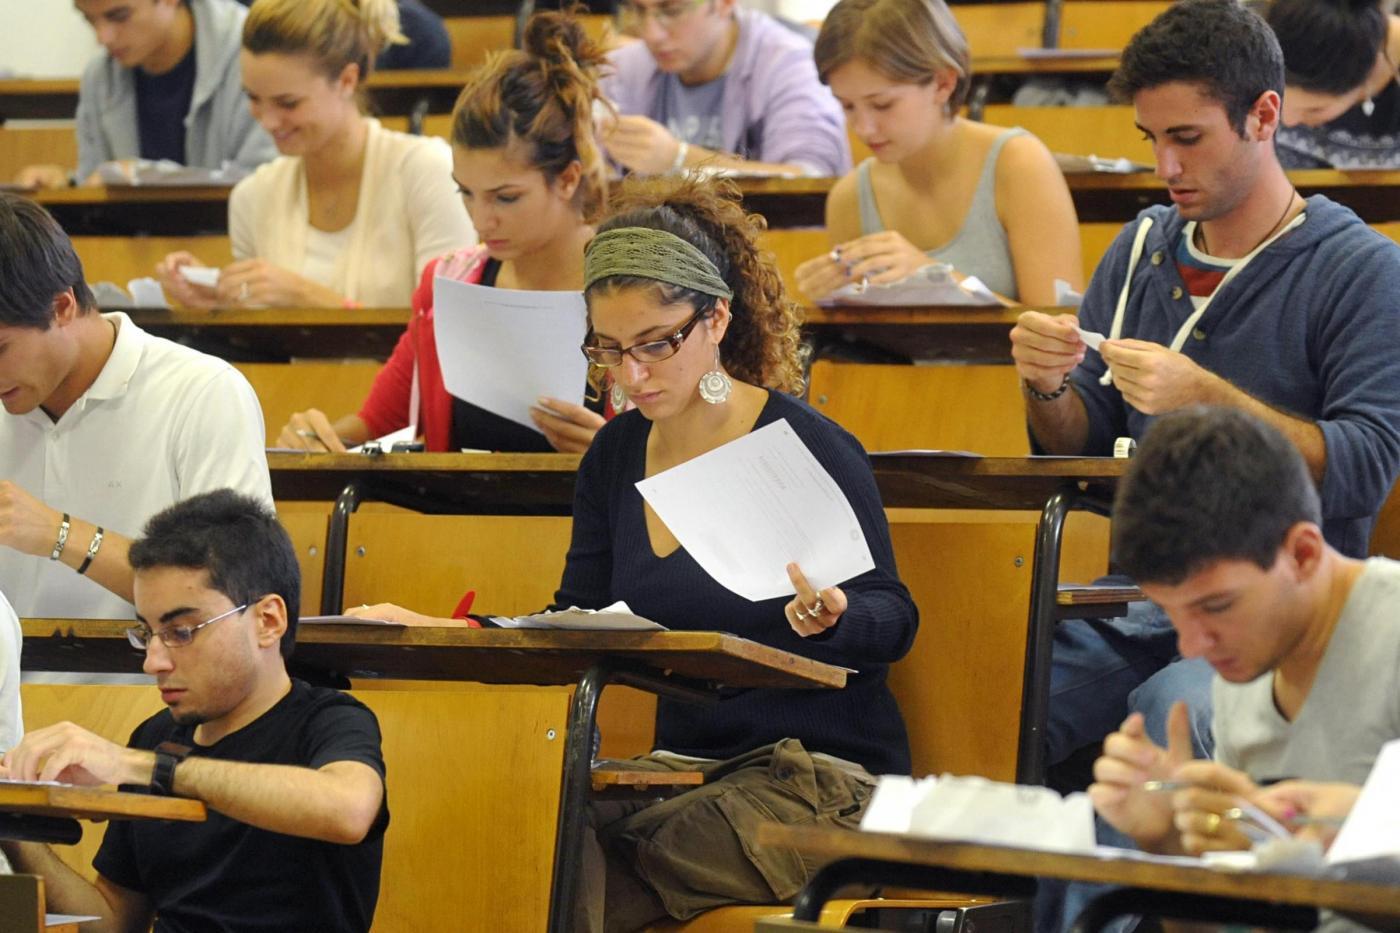 Universit test di ammissione 2015 consigli dell 39 esperto for Test ammissione economia